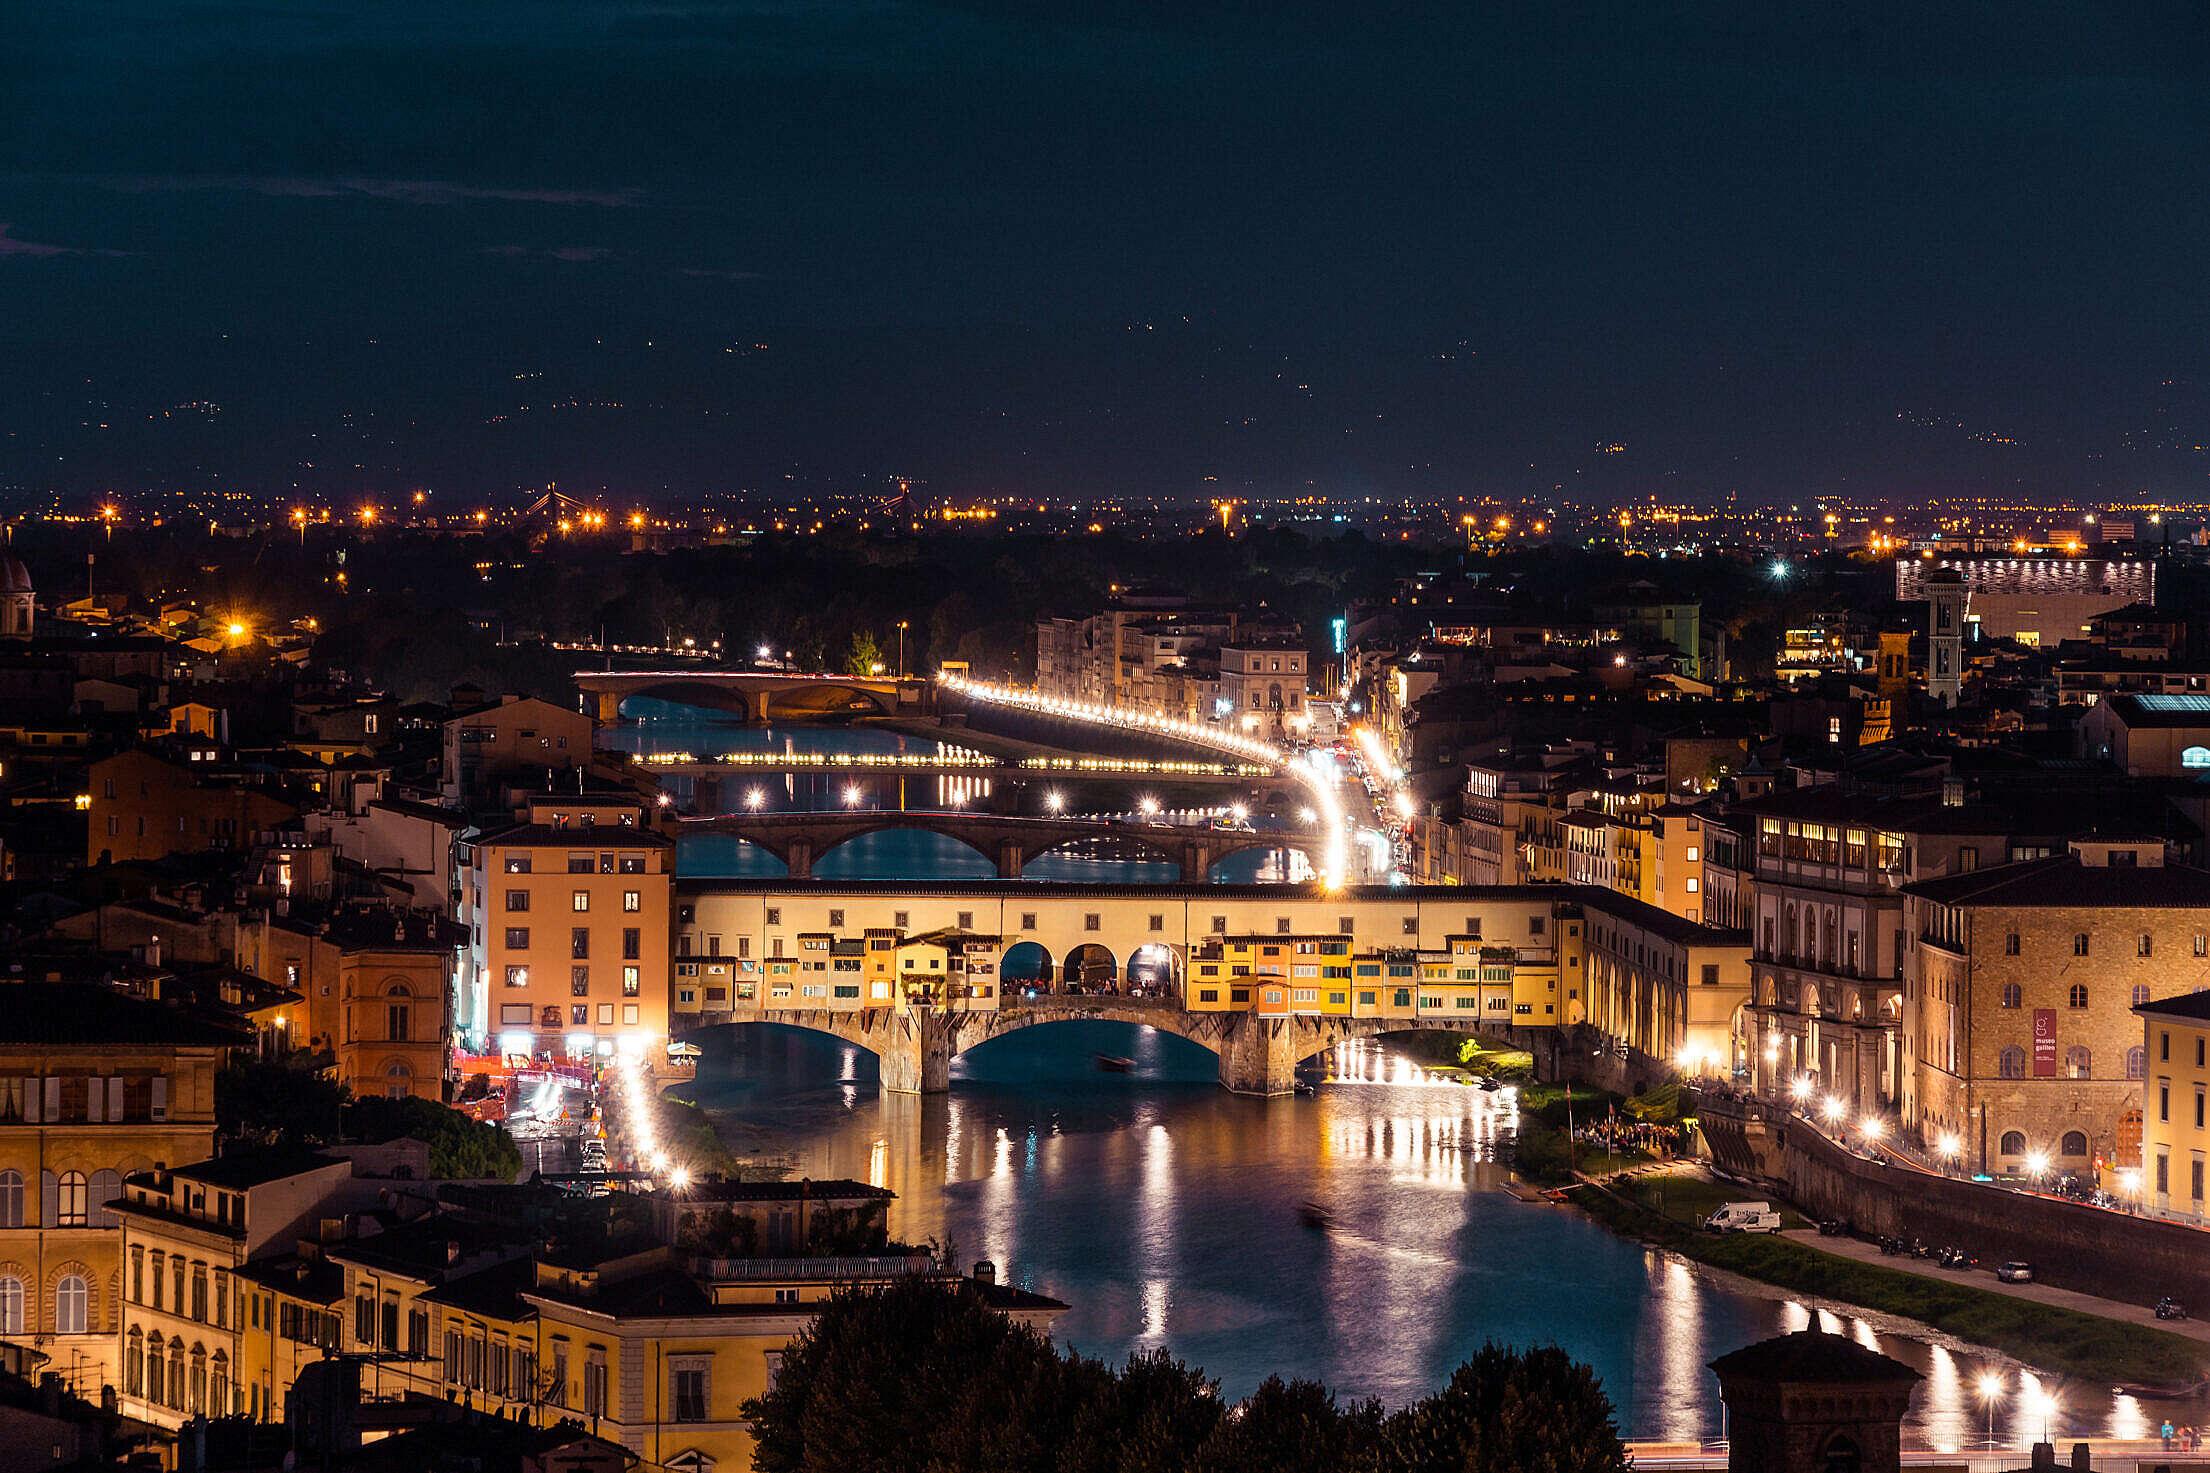 Ponte Vecchio on Arno River at Night Free Stock Photo